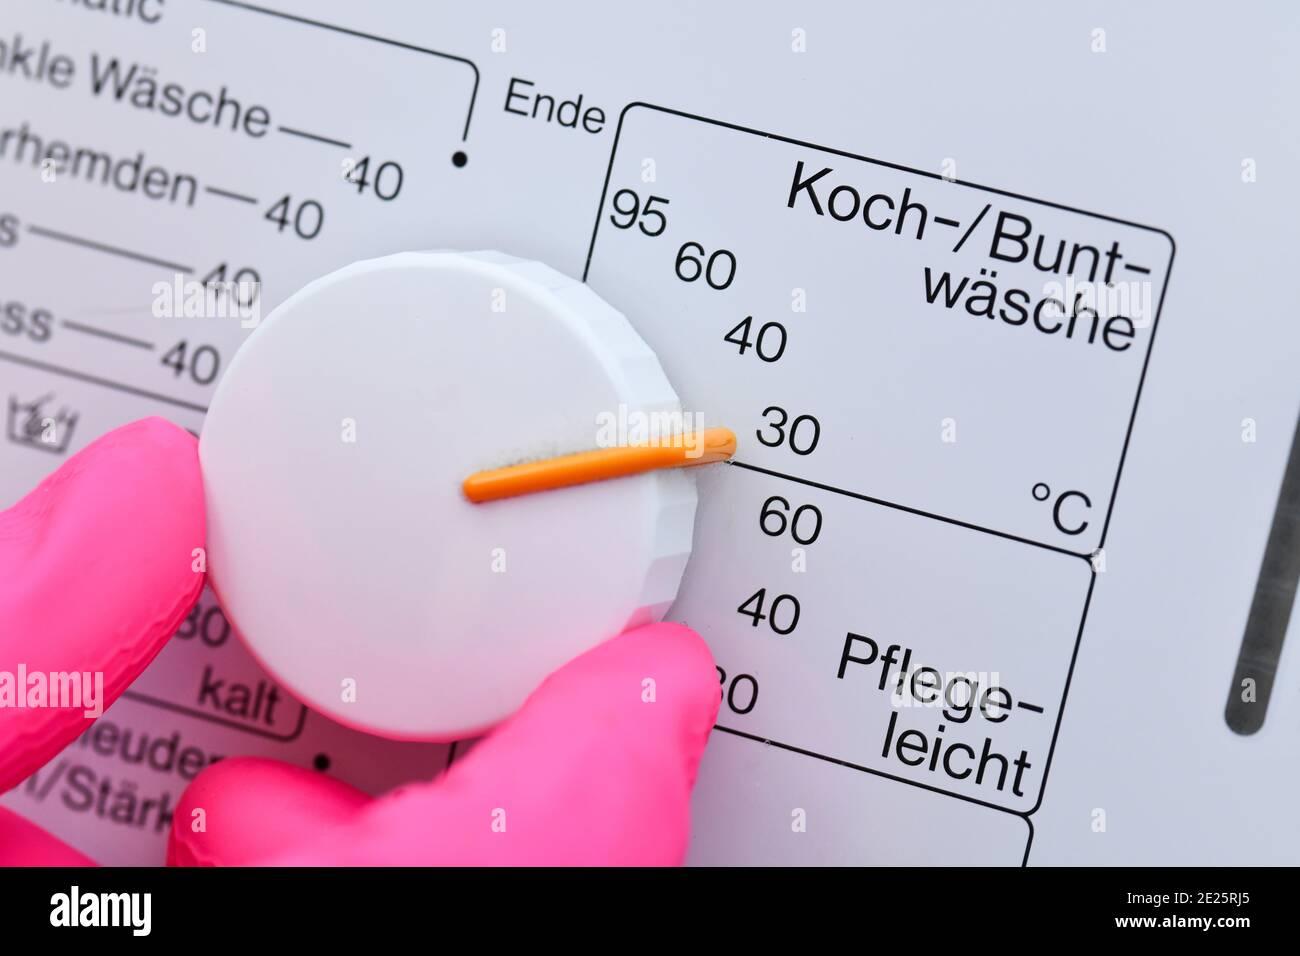 Waschmaschine, Knopf, Buntwäsche 30 Grad Stock Photo